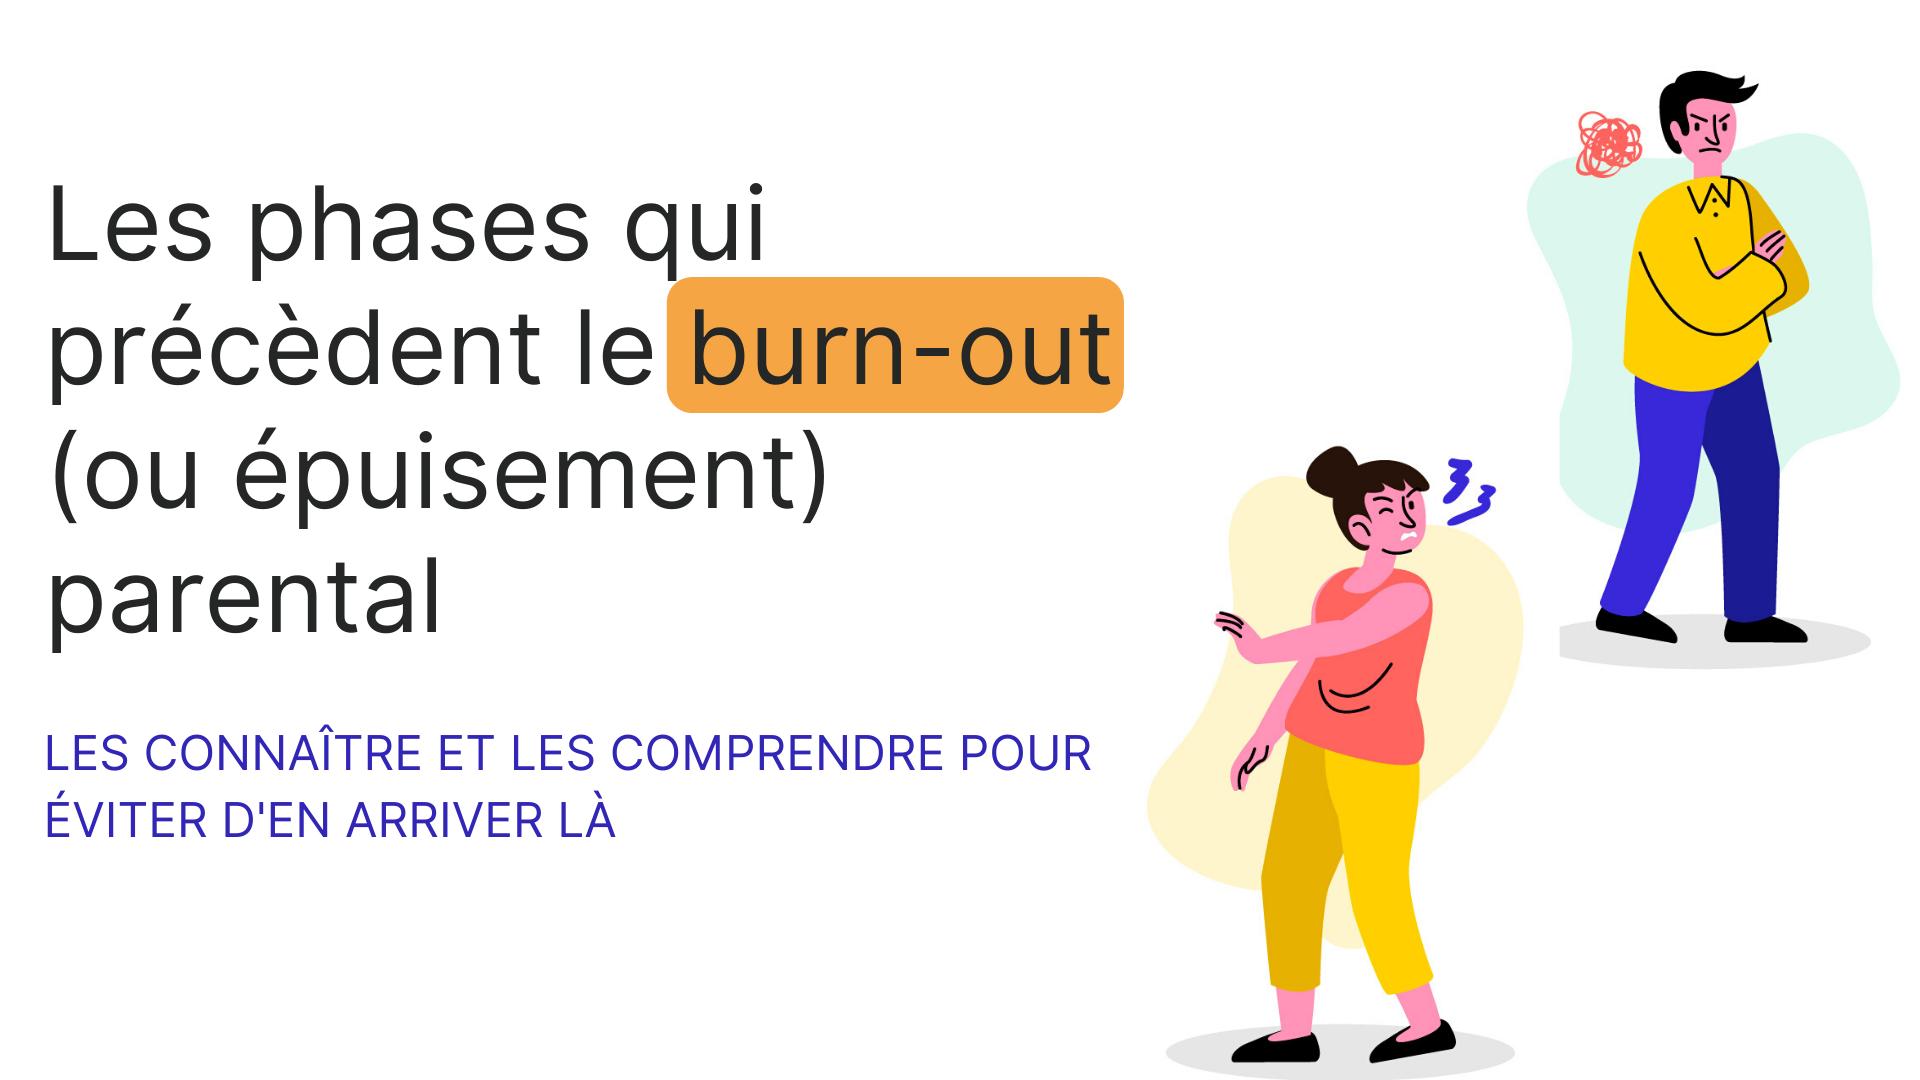 étapes précèdent-burn-out-parental